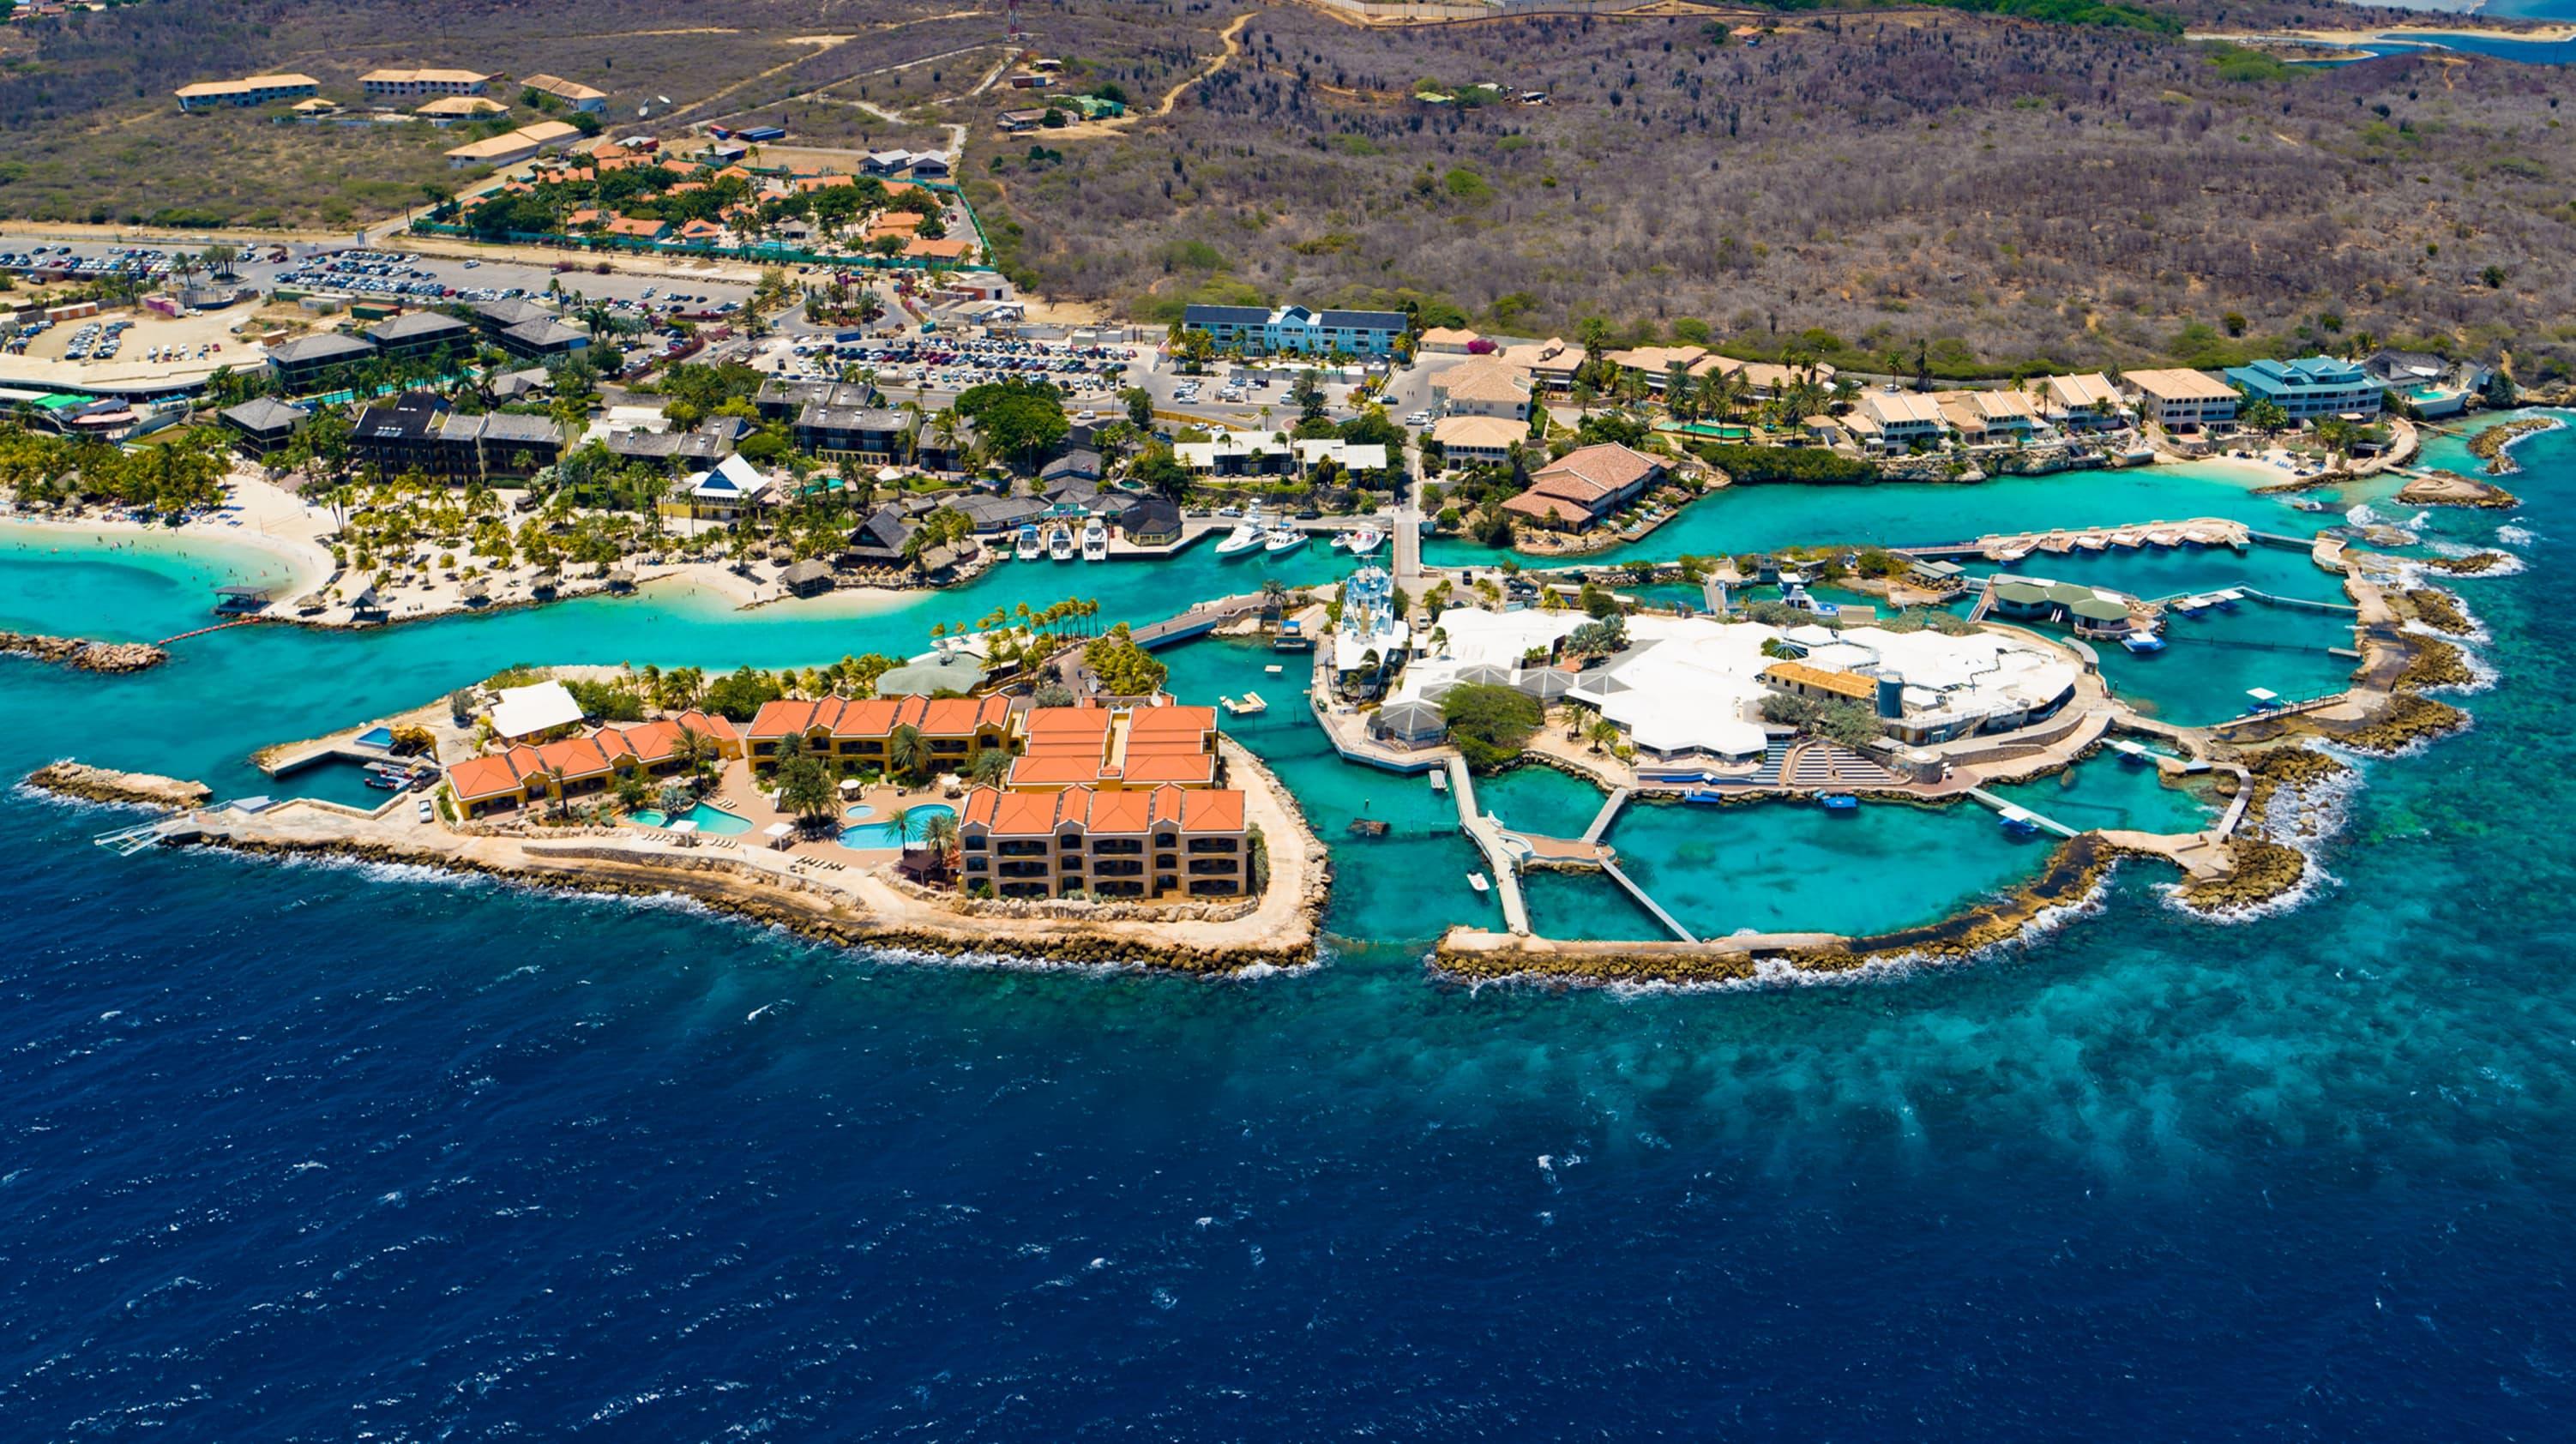 Vogelperspectief van het aquarium Curaçao dat in 1984 door Adrian 'Dutch' Schrier is opgericht viert het 35-jarig bestaan.